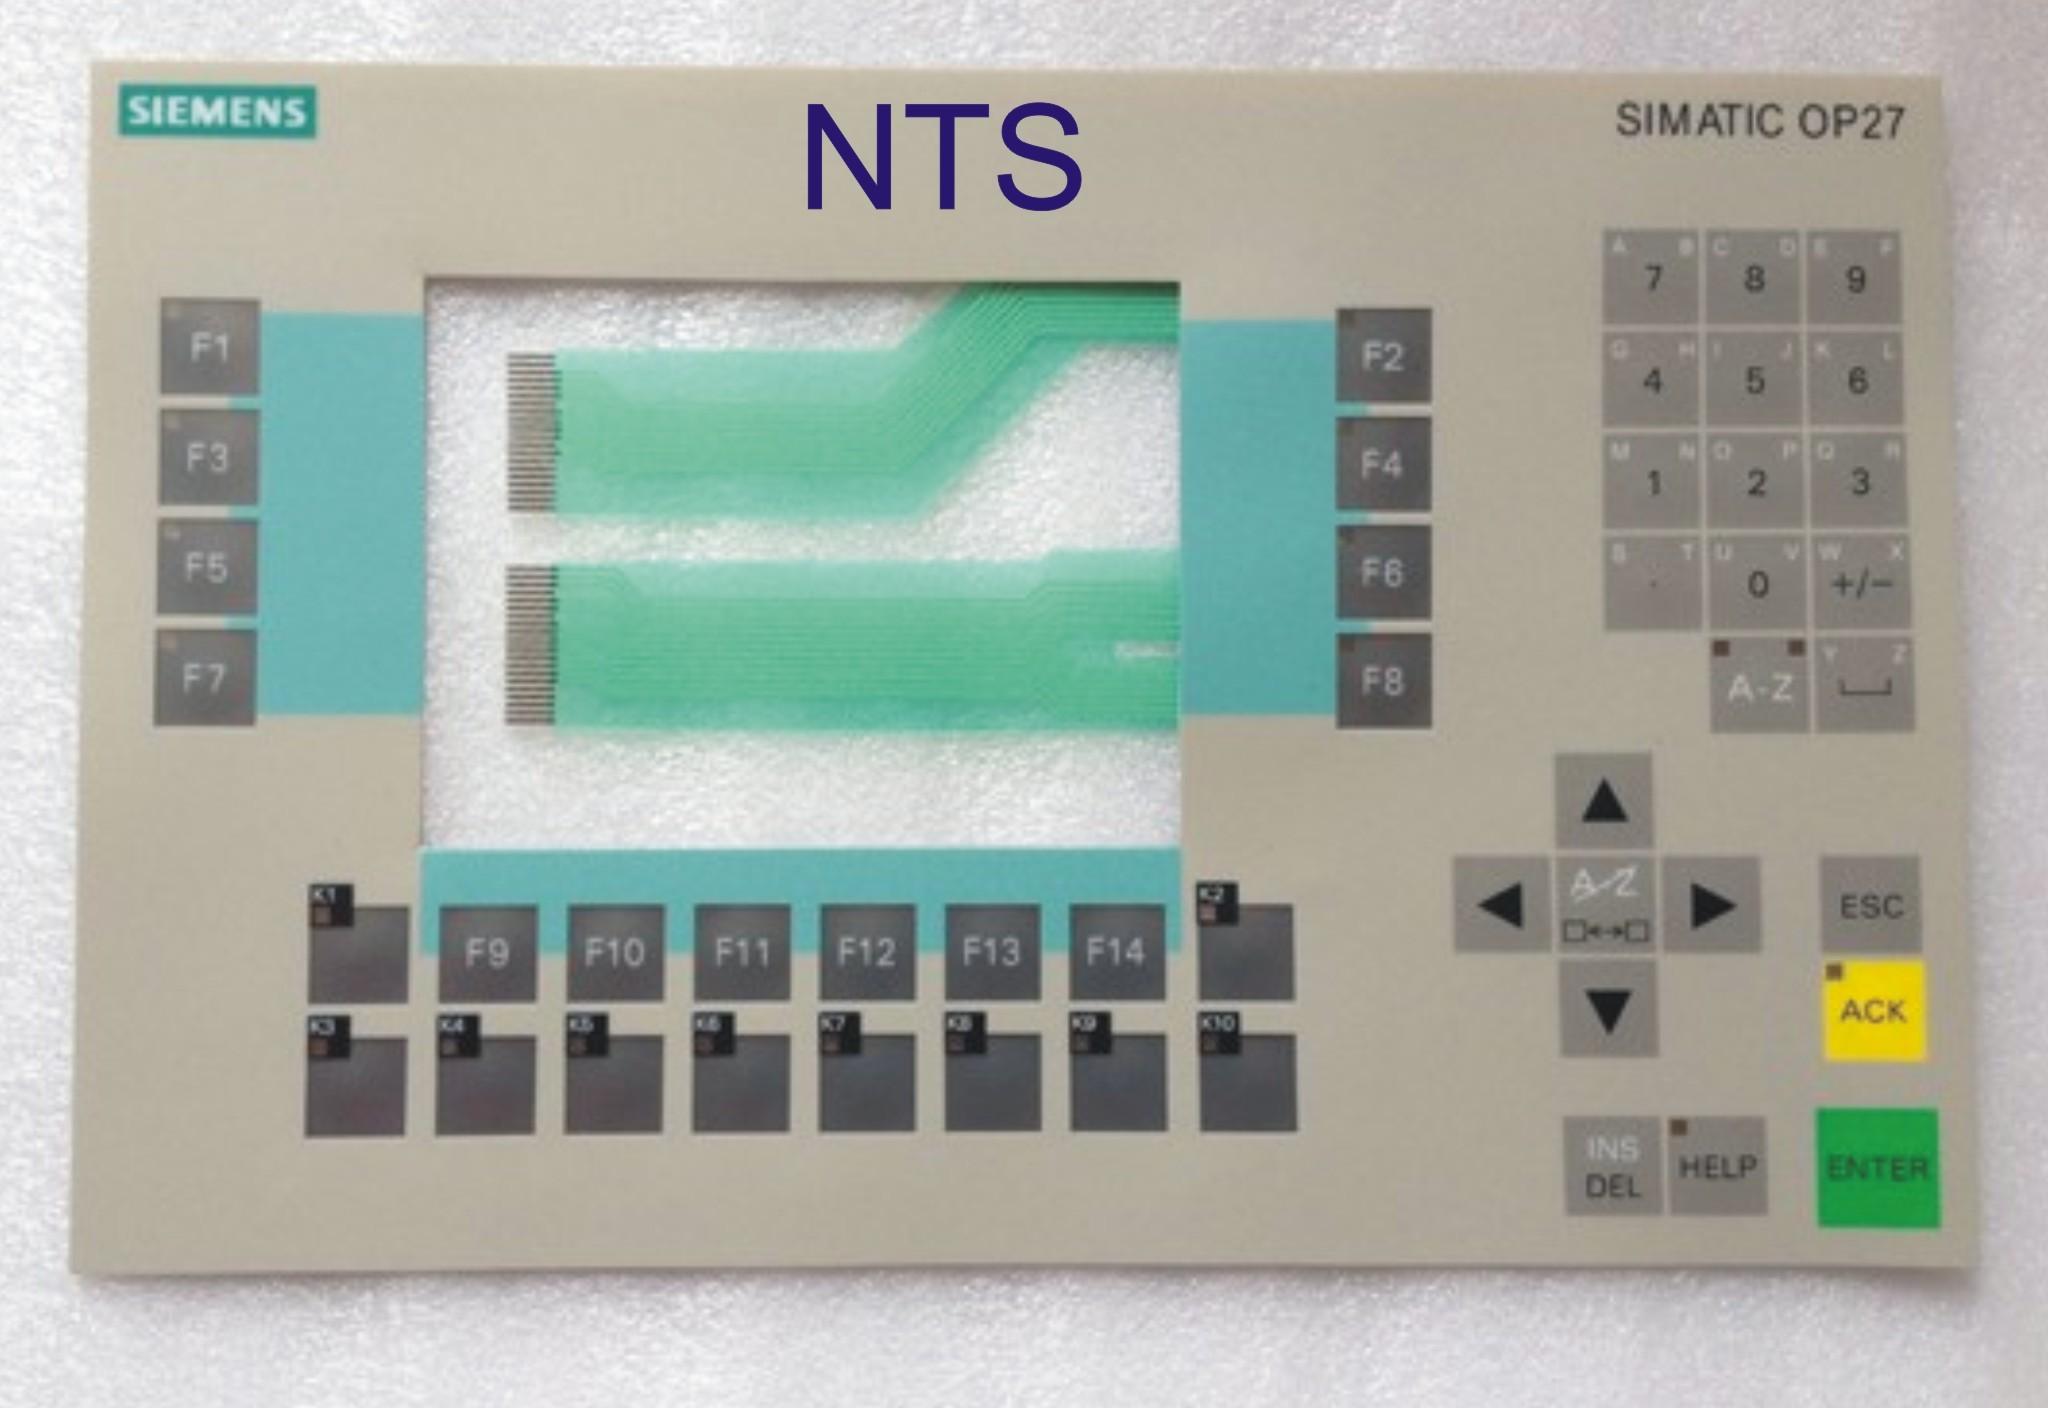 Keypad for Siemens Simatic OP27 HMI Display